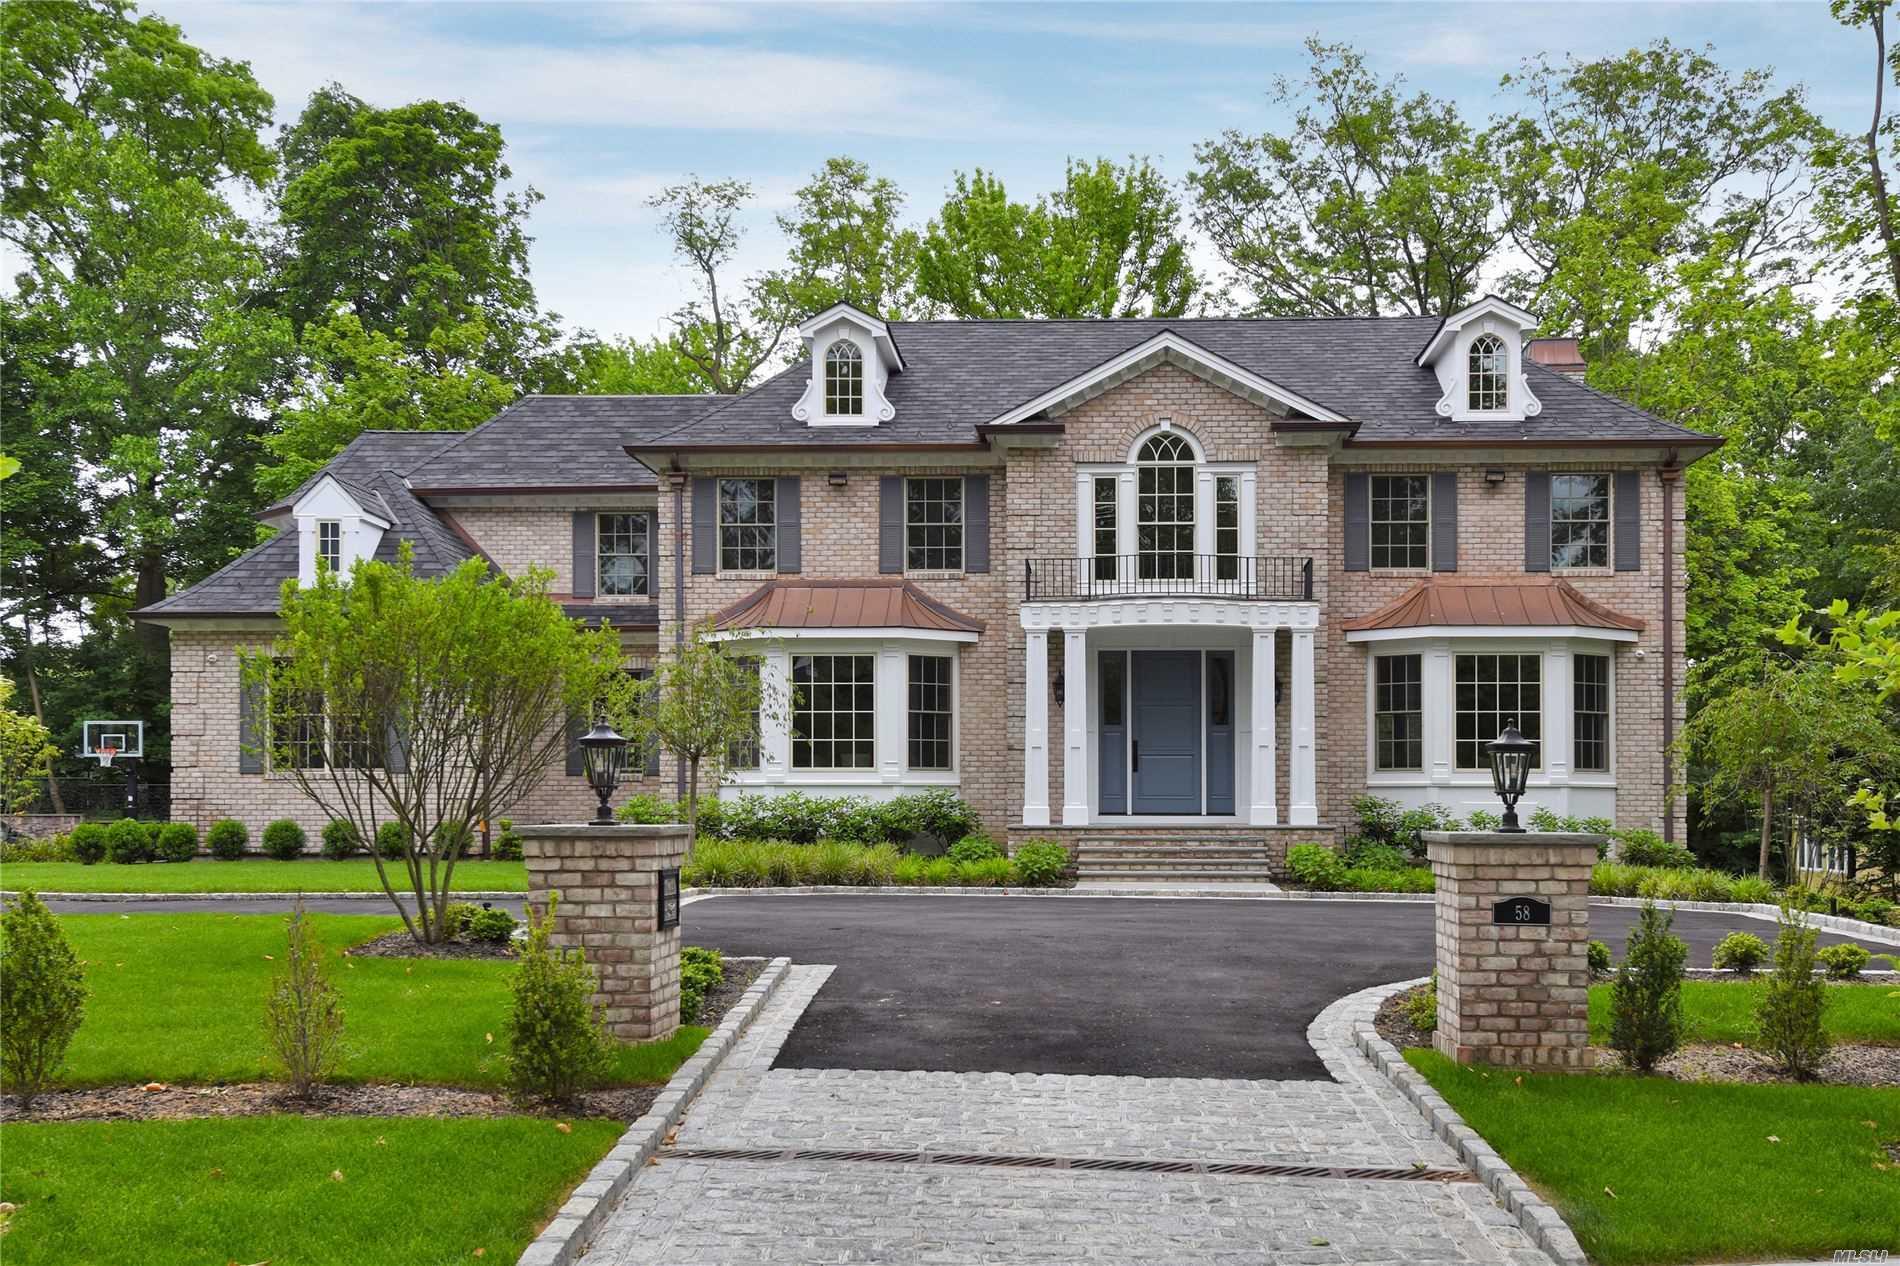 58 Nassau Drive, Great Neck, New York 11021, 7 Bedrooms Bedrooms, ,7 BathroomsBathrooms,Residential,For Sale,Nassau,3224918